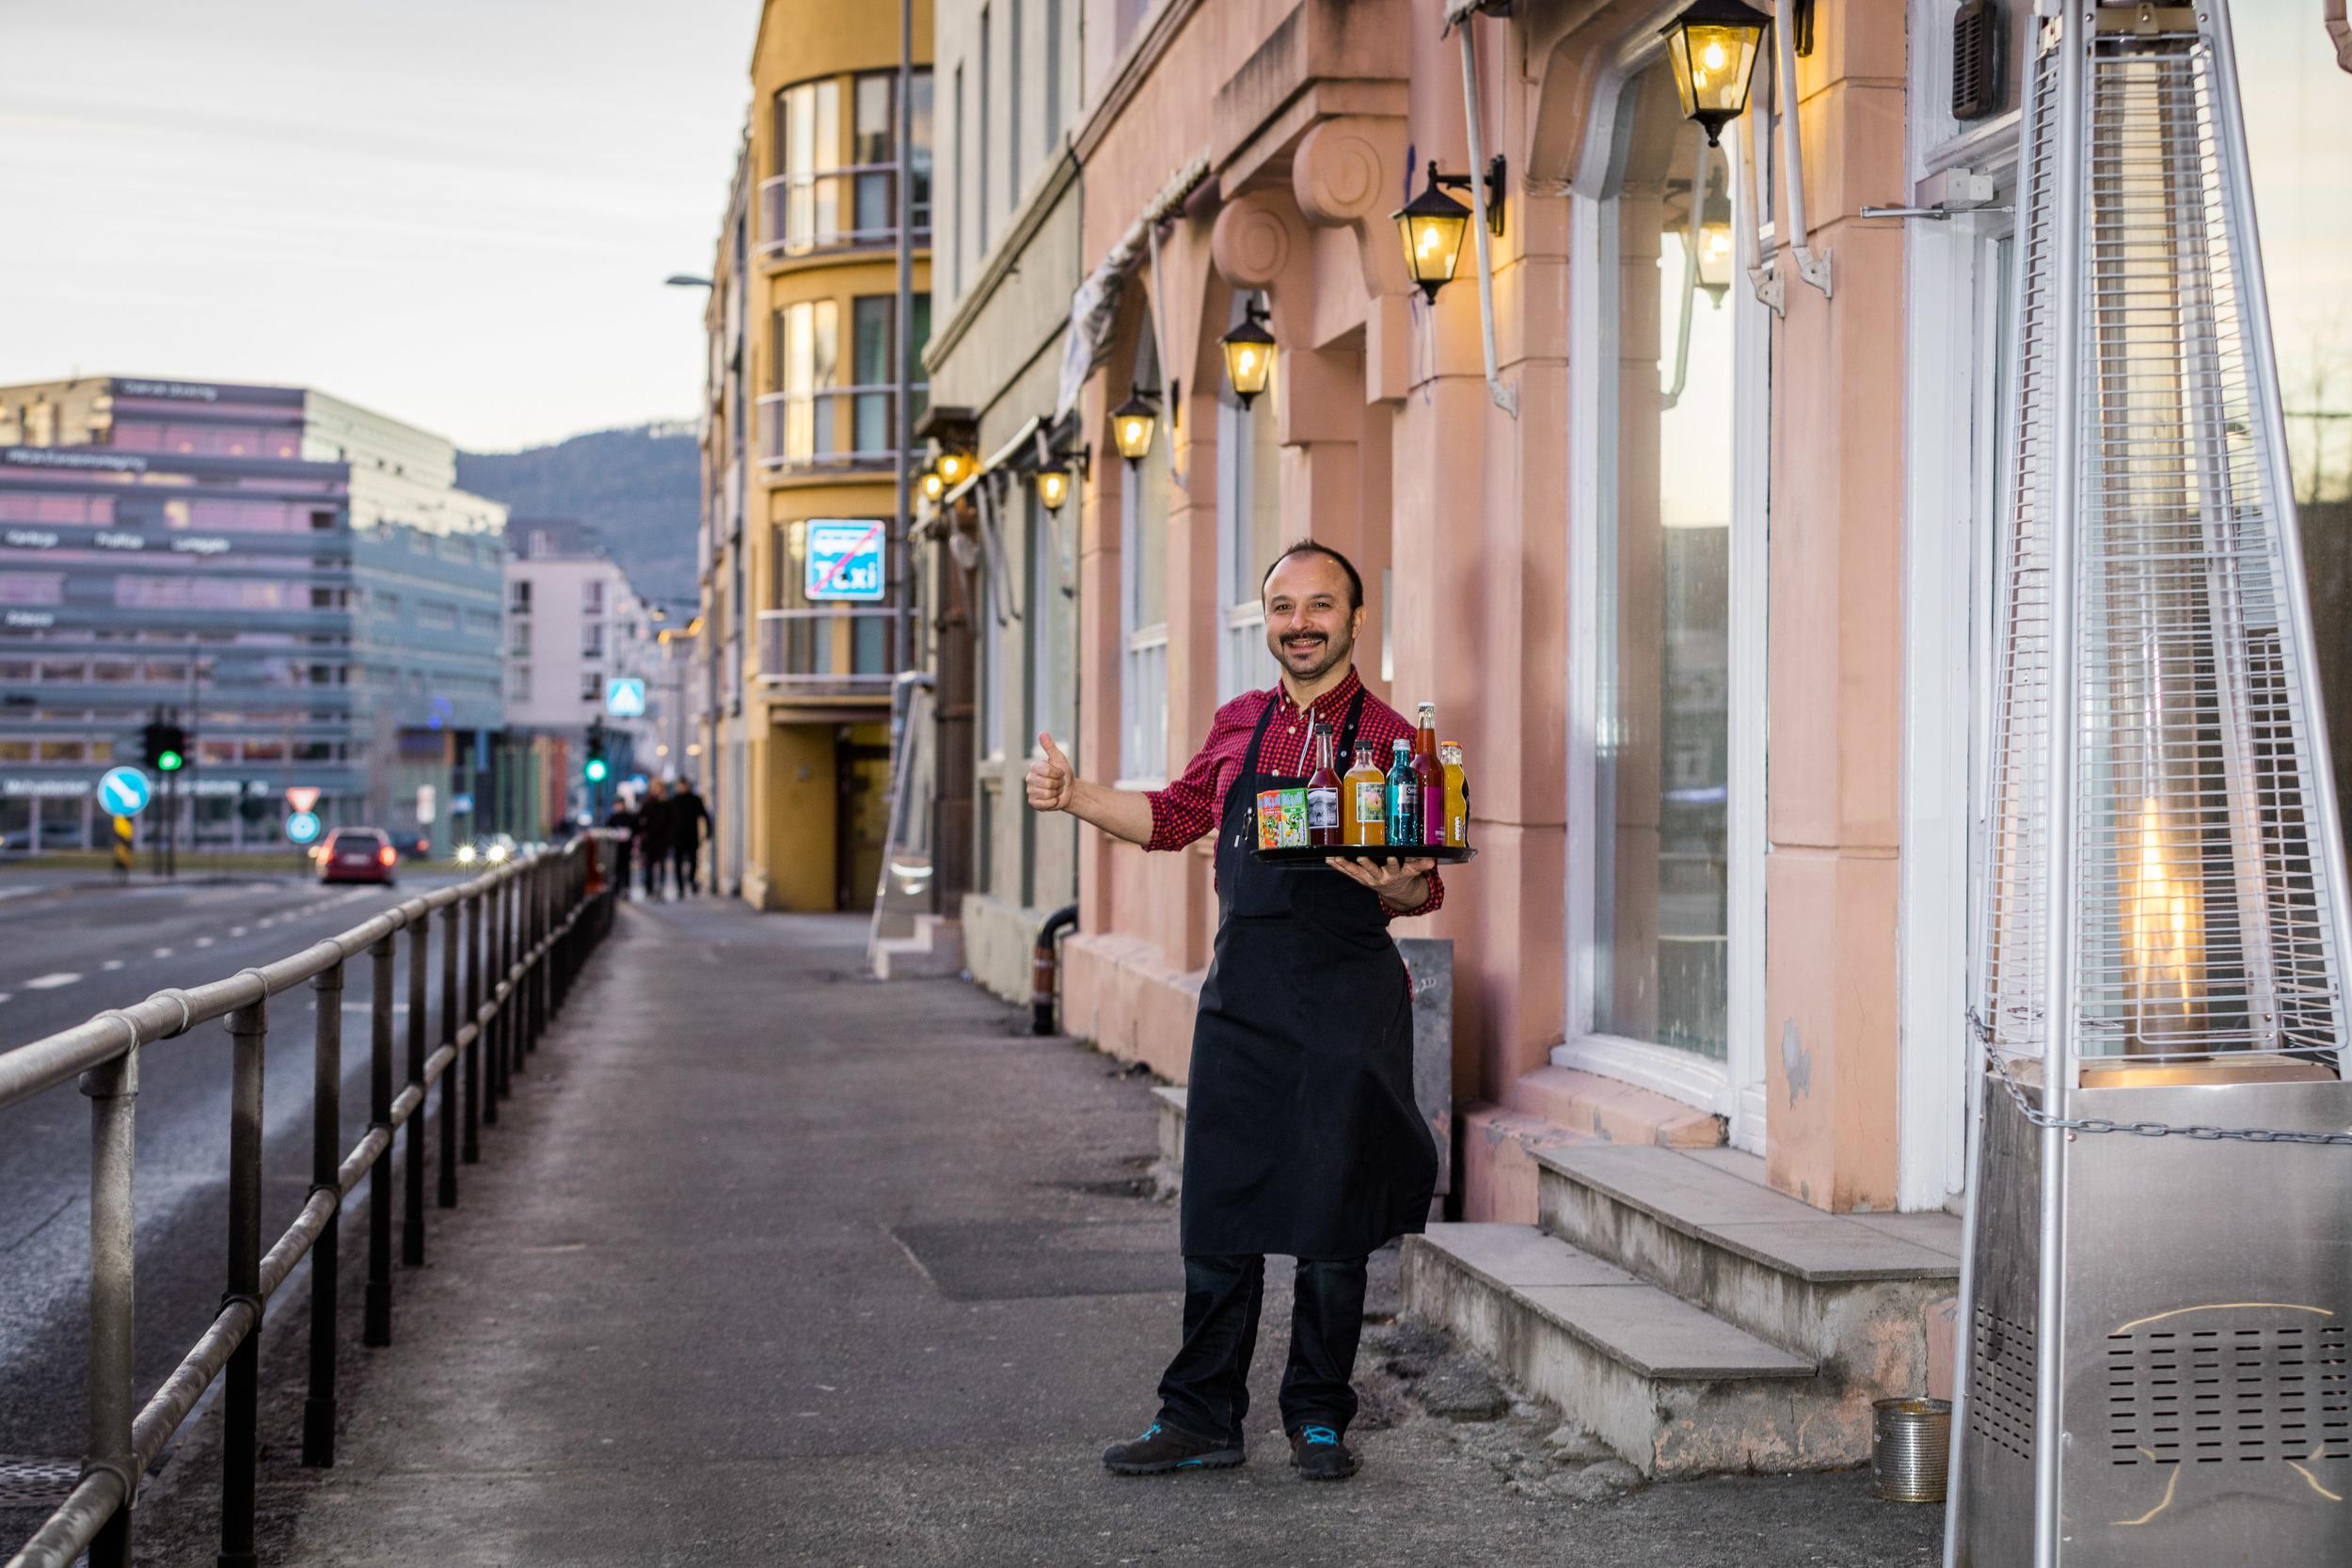 Ladejarlen-Nazif-Trondheim-Norge